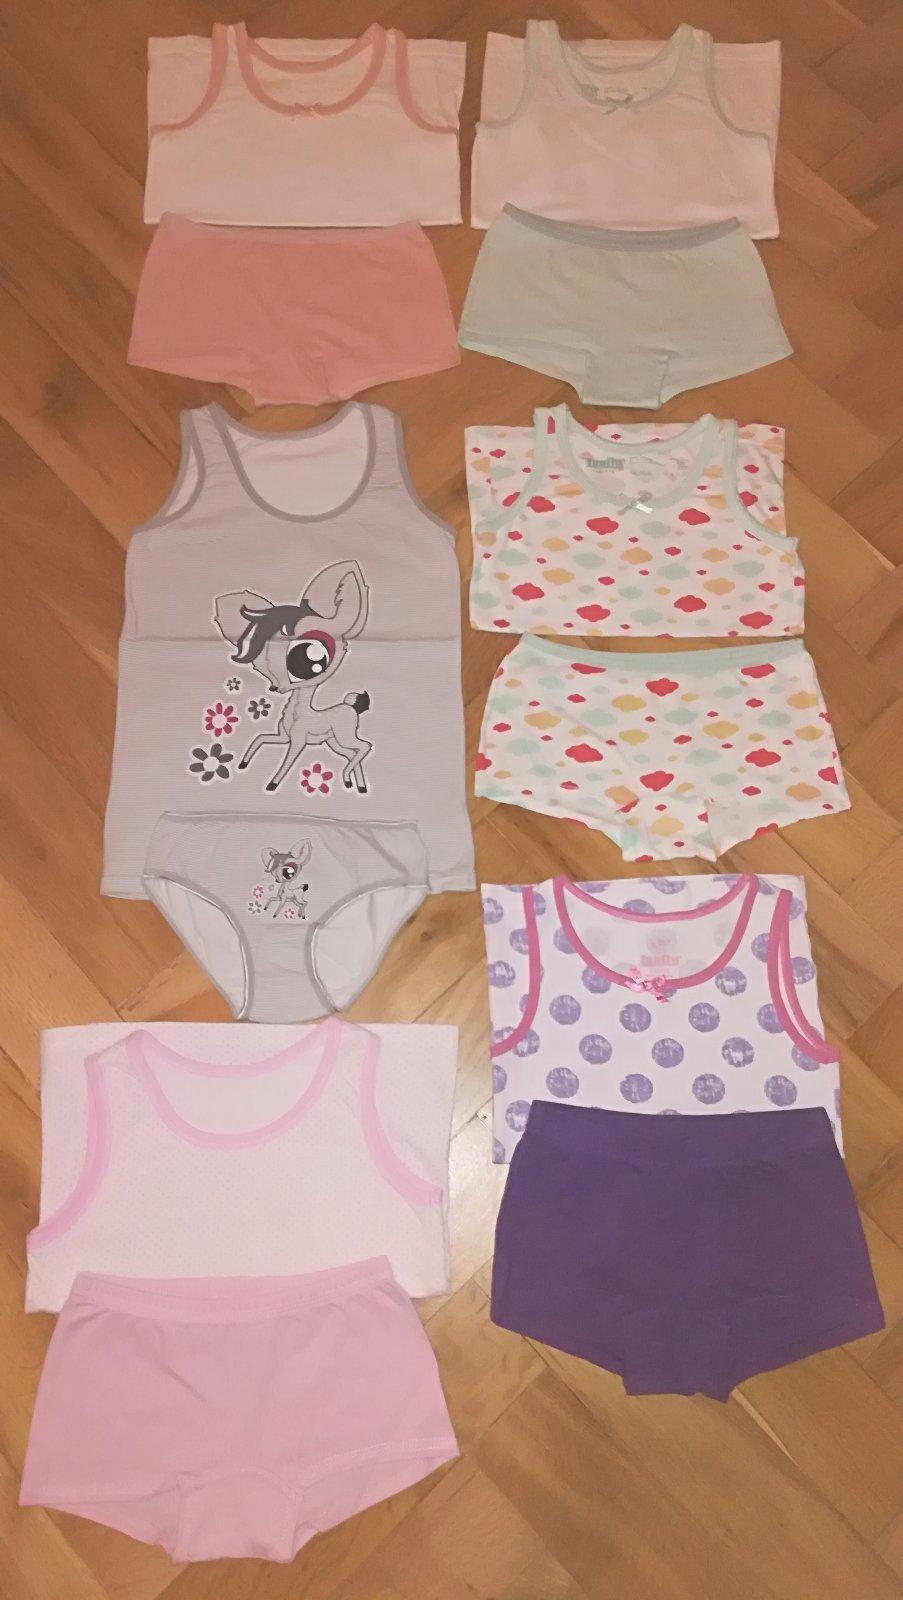 04b414c02 Balíček spodného prádla, lupilu,116 - 12 € od predávajúcej zuzana2012 |  Detský bazár | ModryKonik.sk